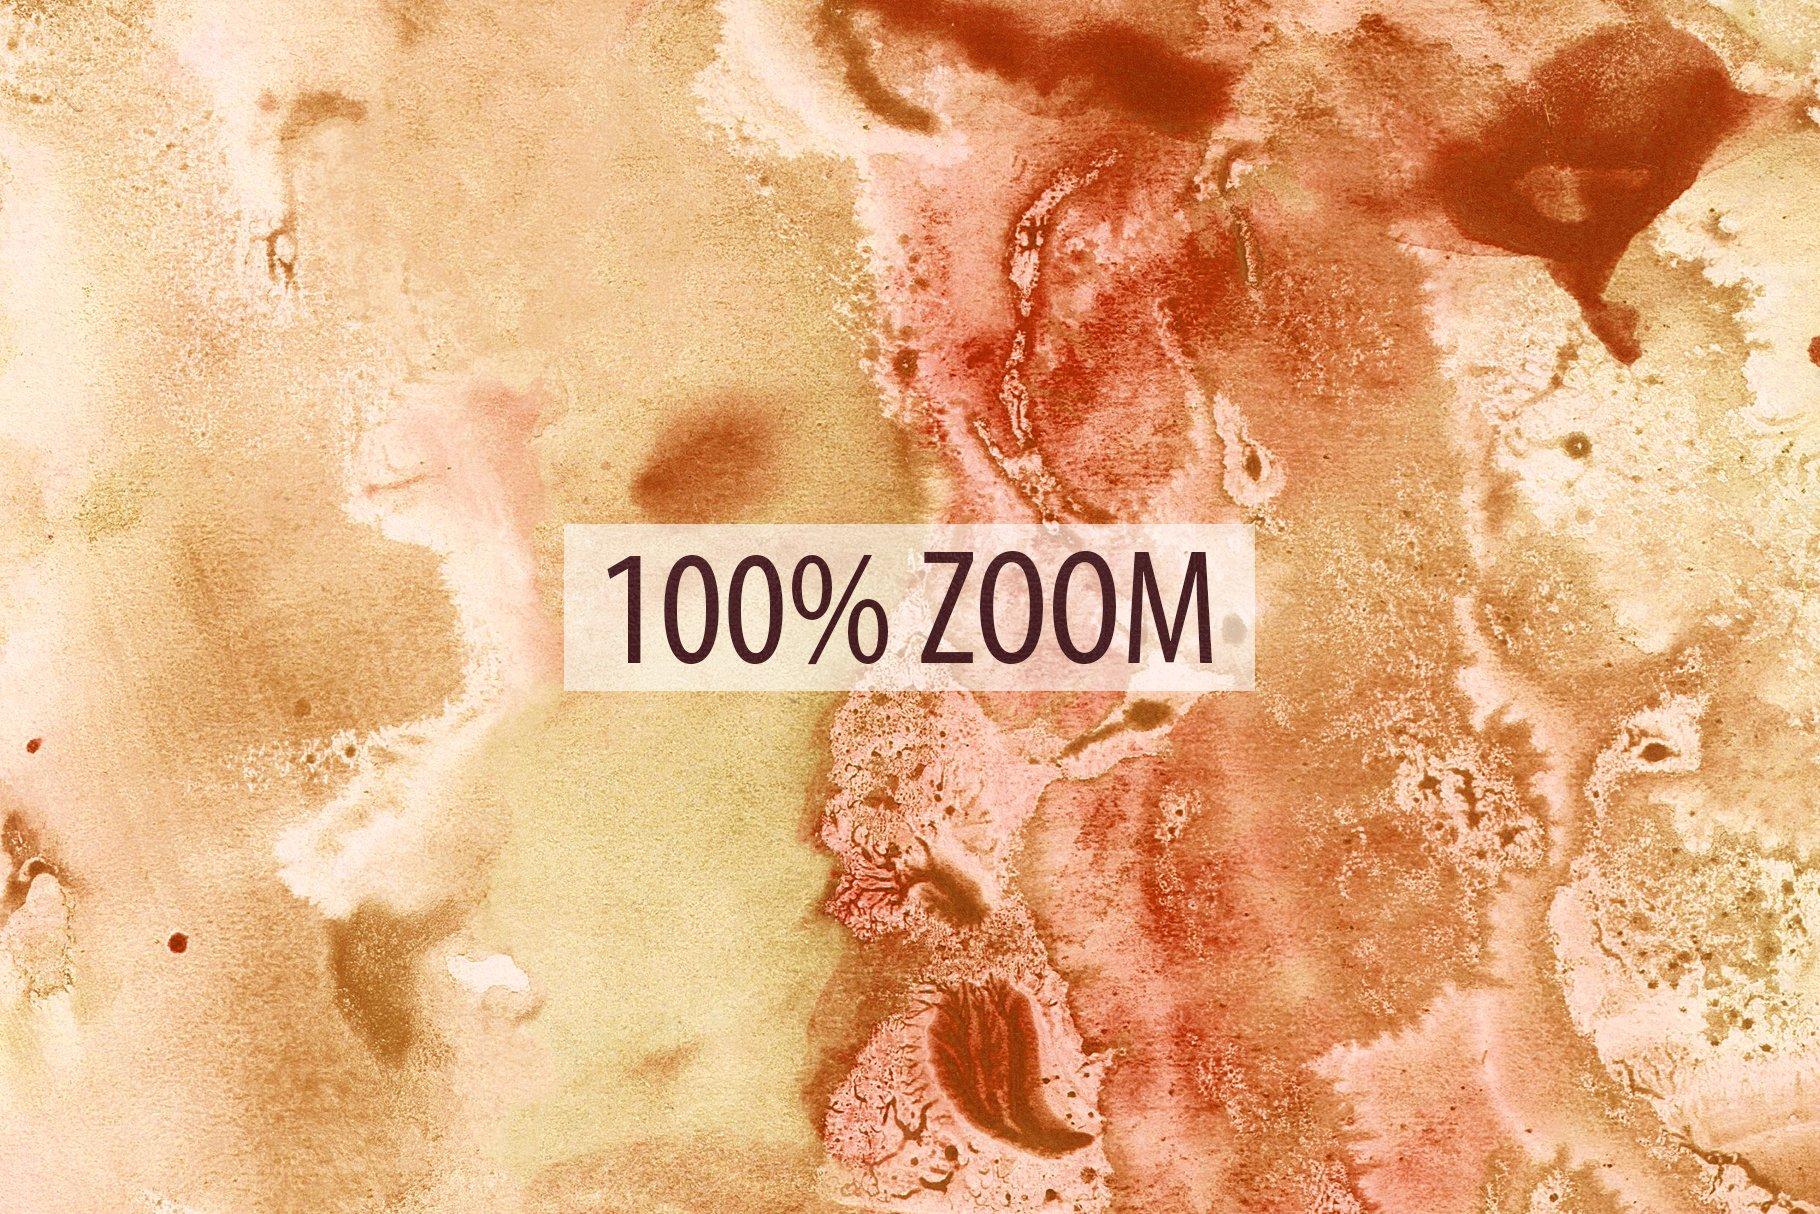 [单独购买] 20款抽象奢华橙色水彩纹理海报设计背景图片素材 20 Seamless Watercolor Textures插图23